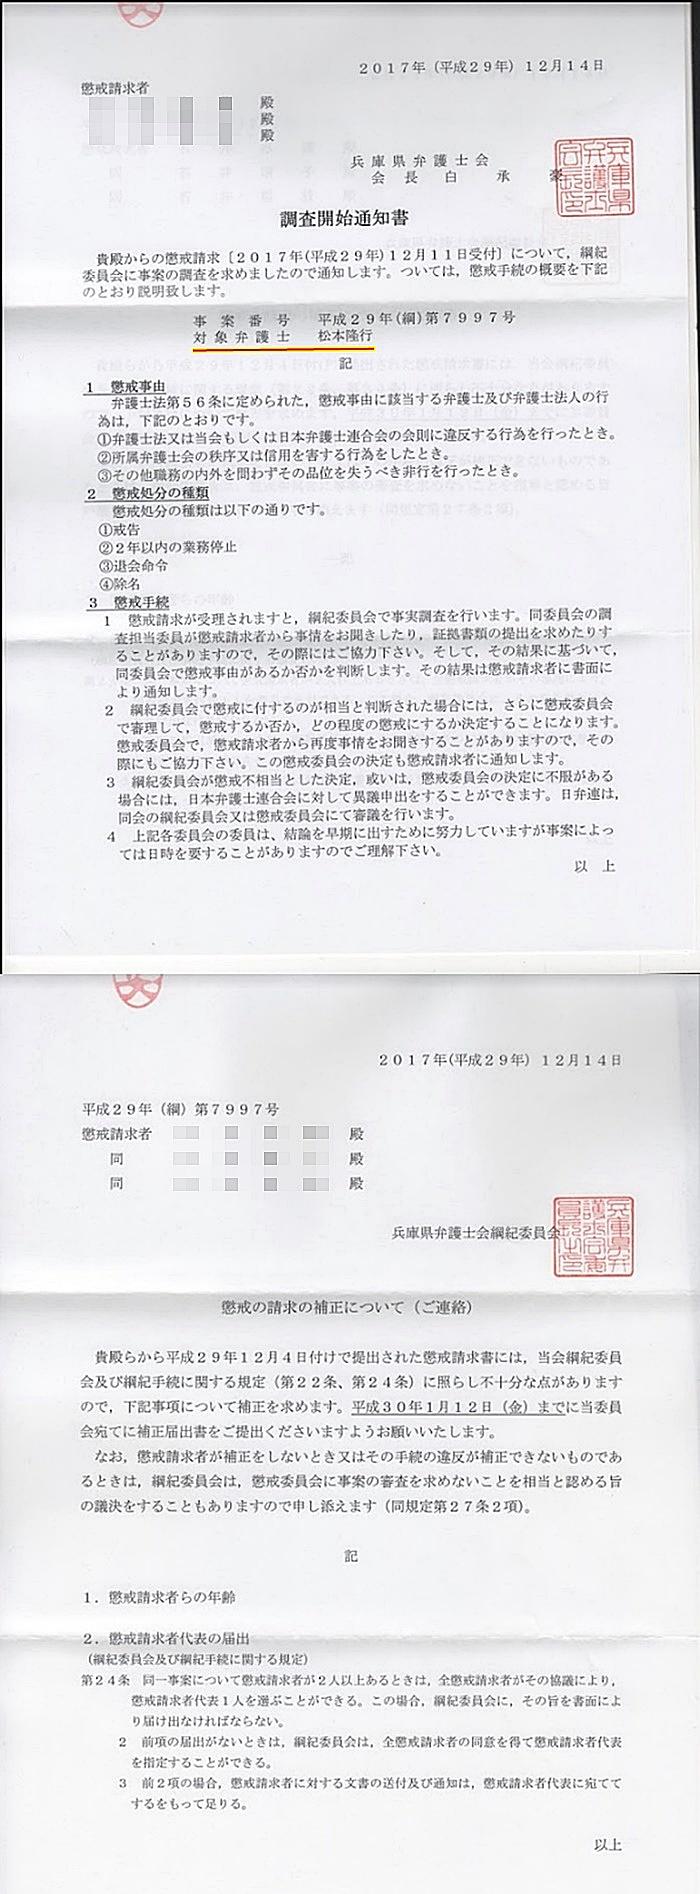 松本隆行弁護士 みなと元町法律事務所 北川他久美 淡路ふくろうの郷 1